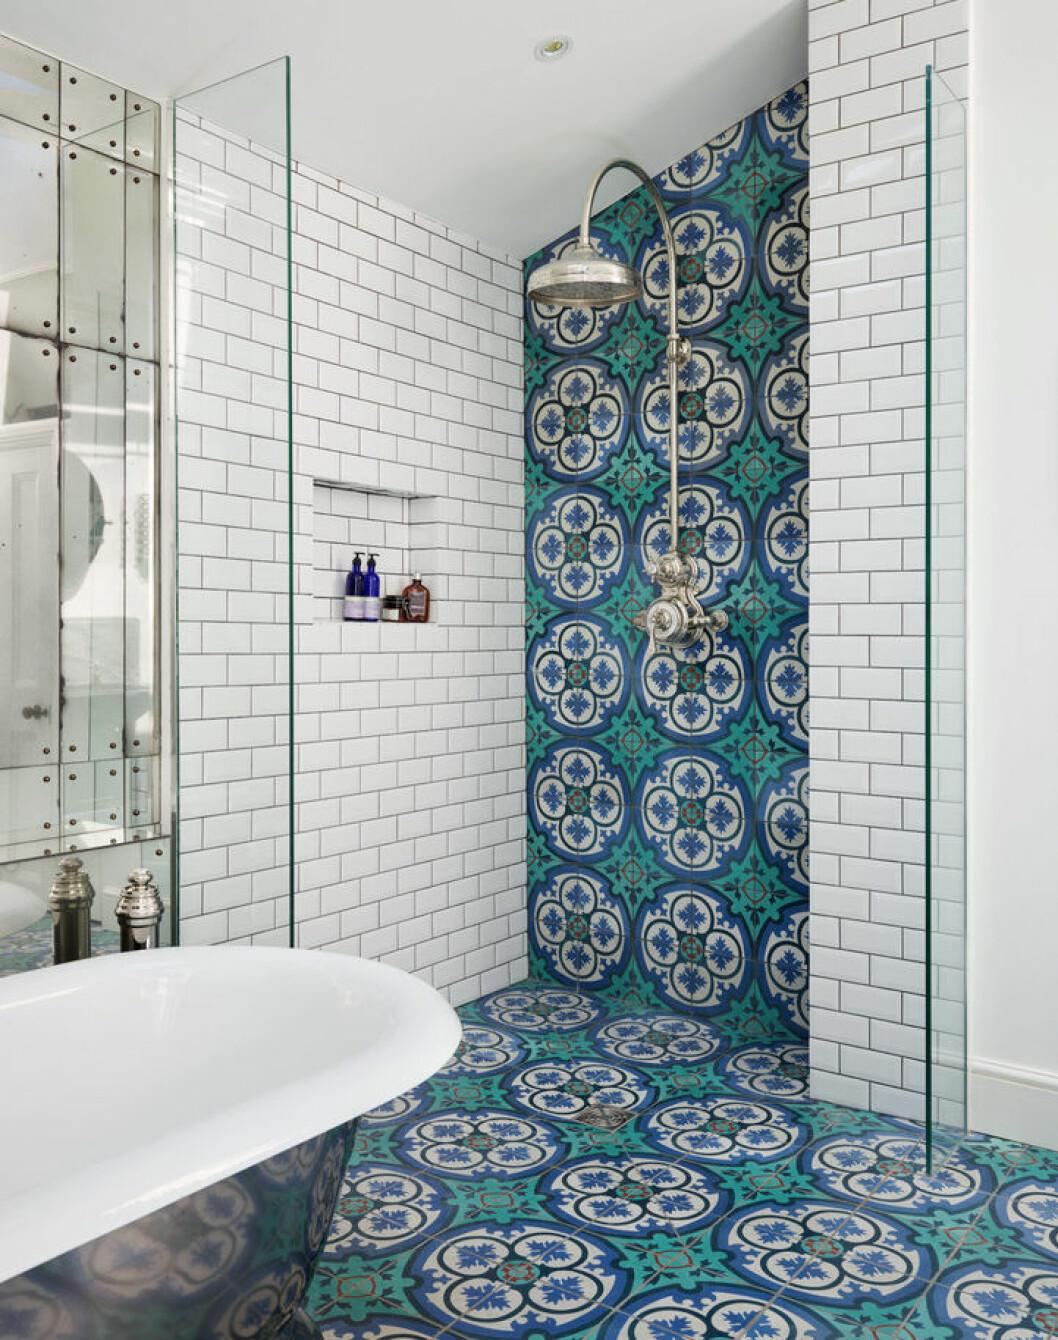 Färgstarkt, mönstrat kakel på golvet i ett badrum löper upp på ena duschväggen.